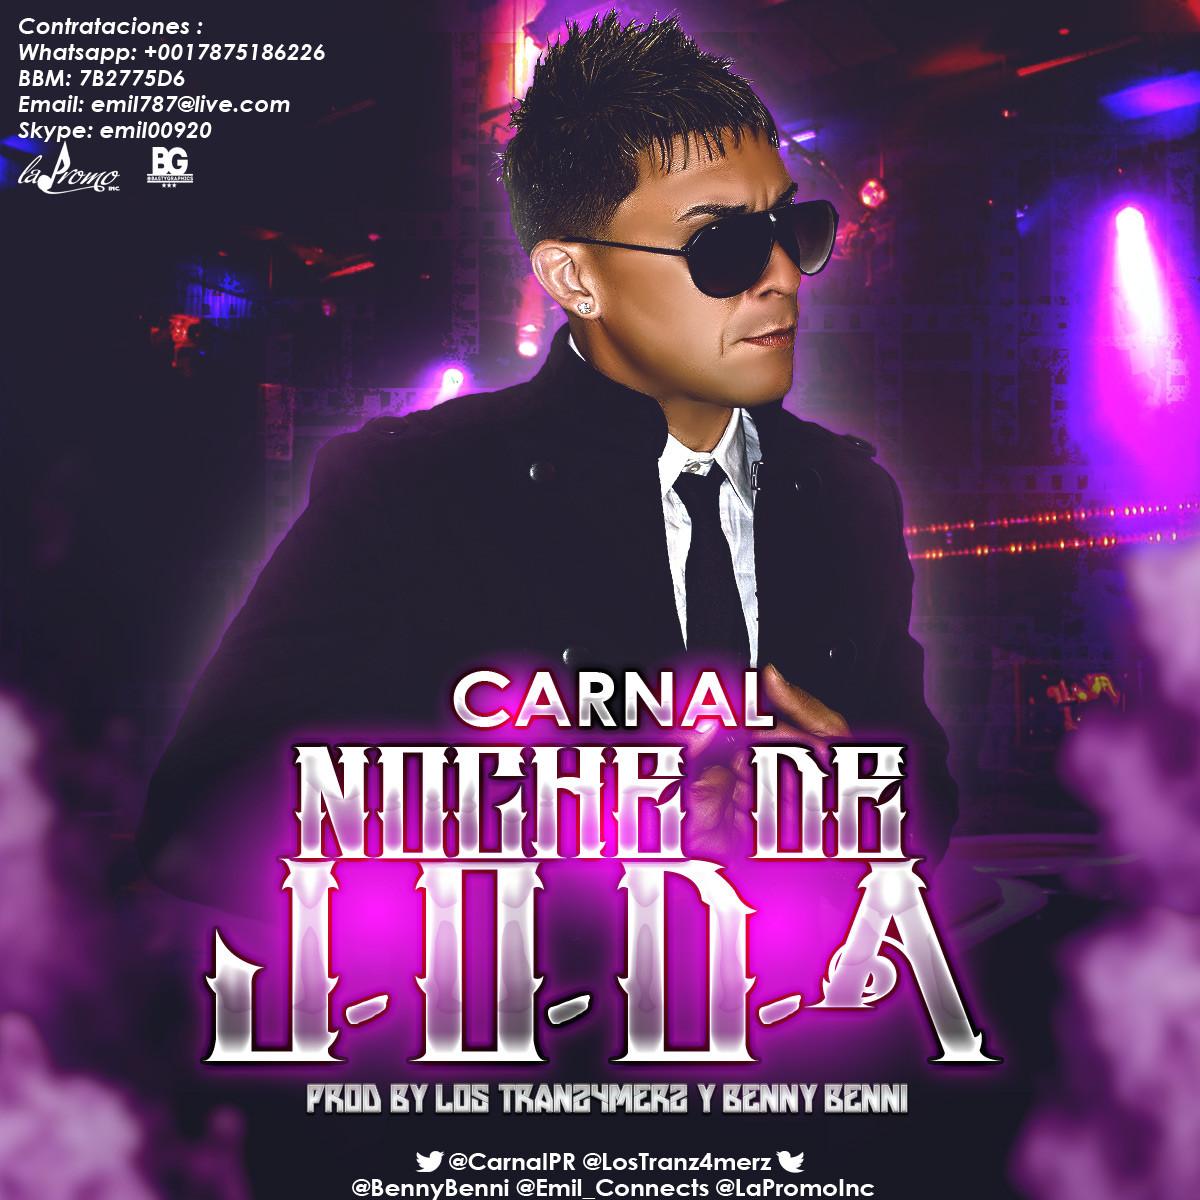 Carnal – Noche De J.O.D.A. (Prod. By Los Tranz4merz & Benny Benni)